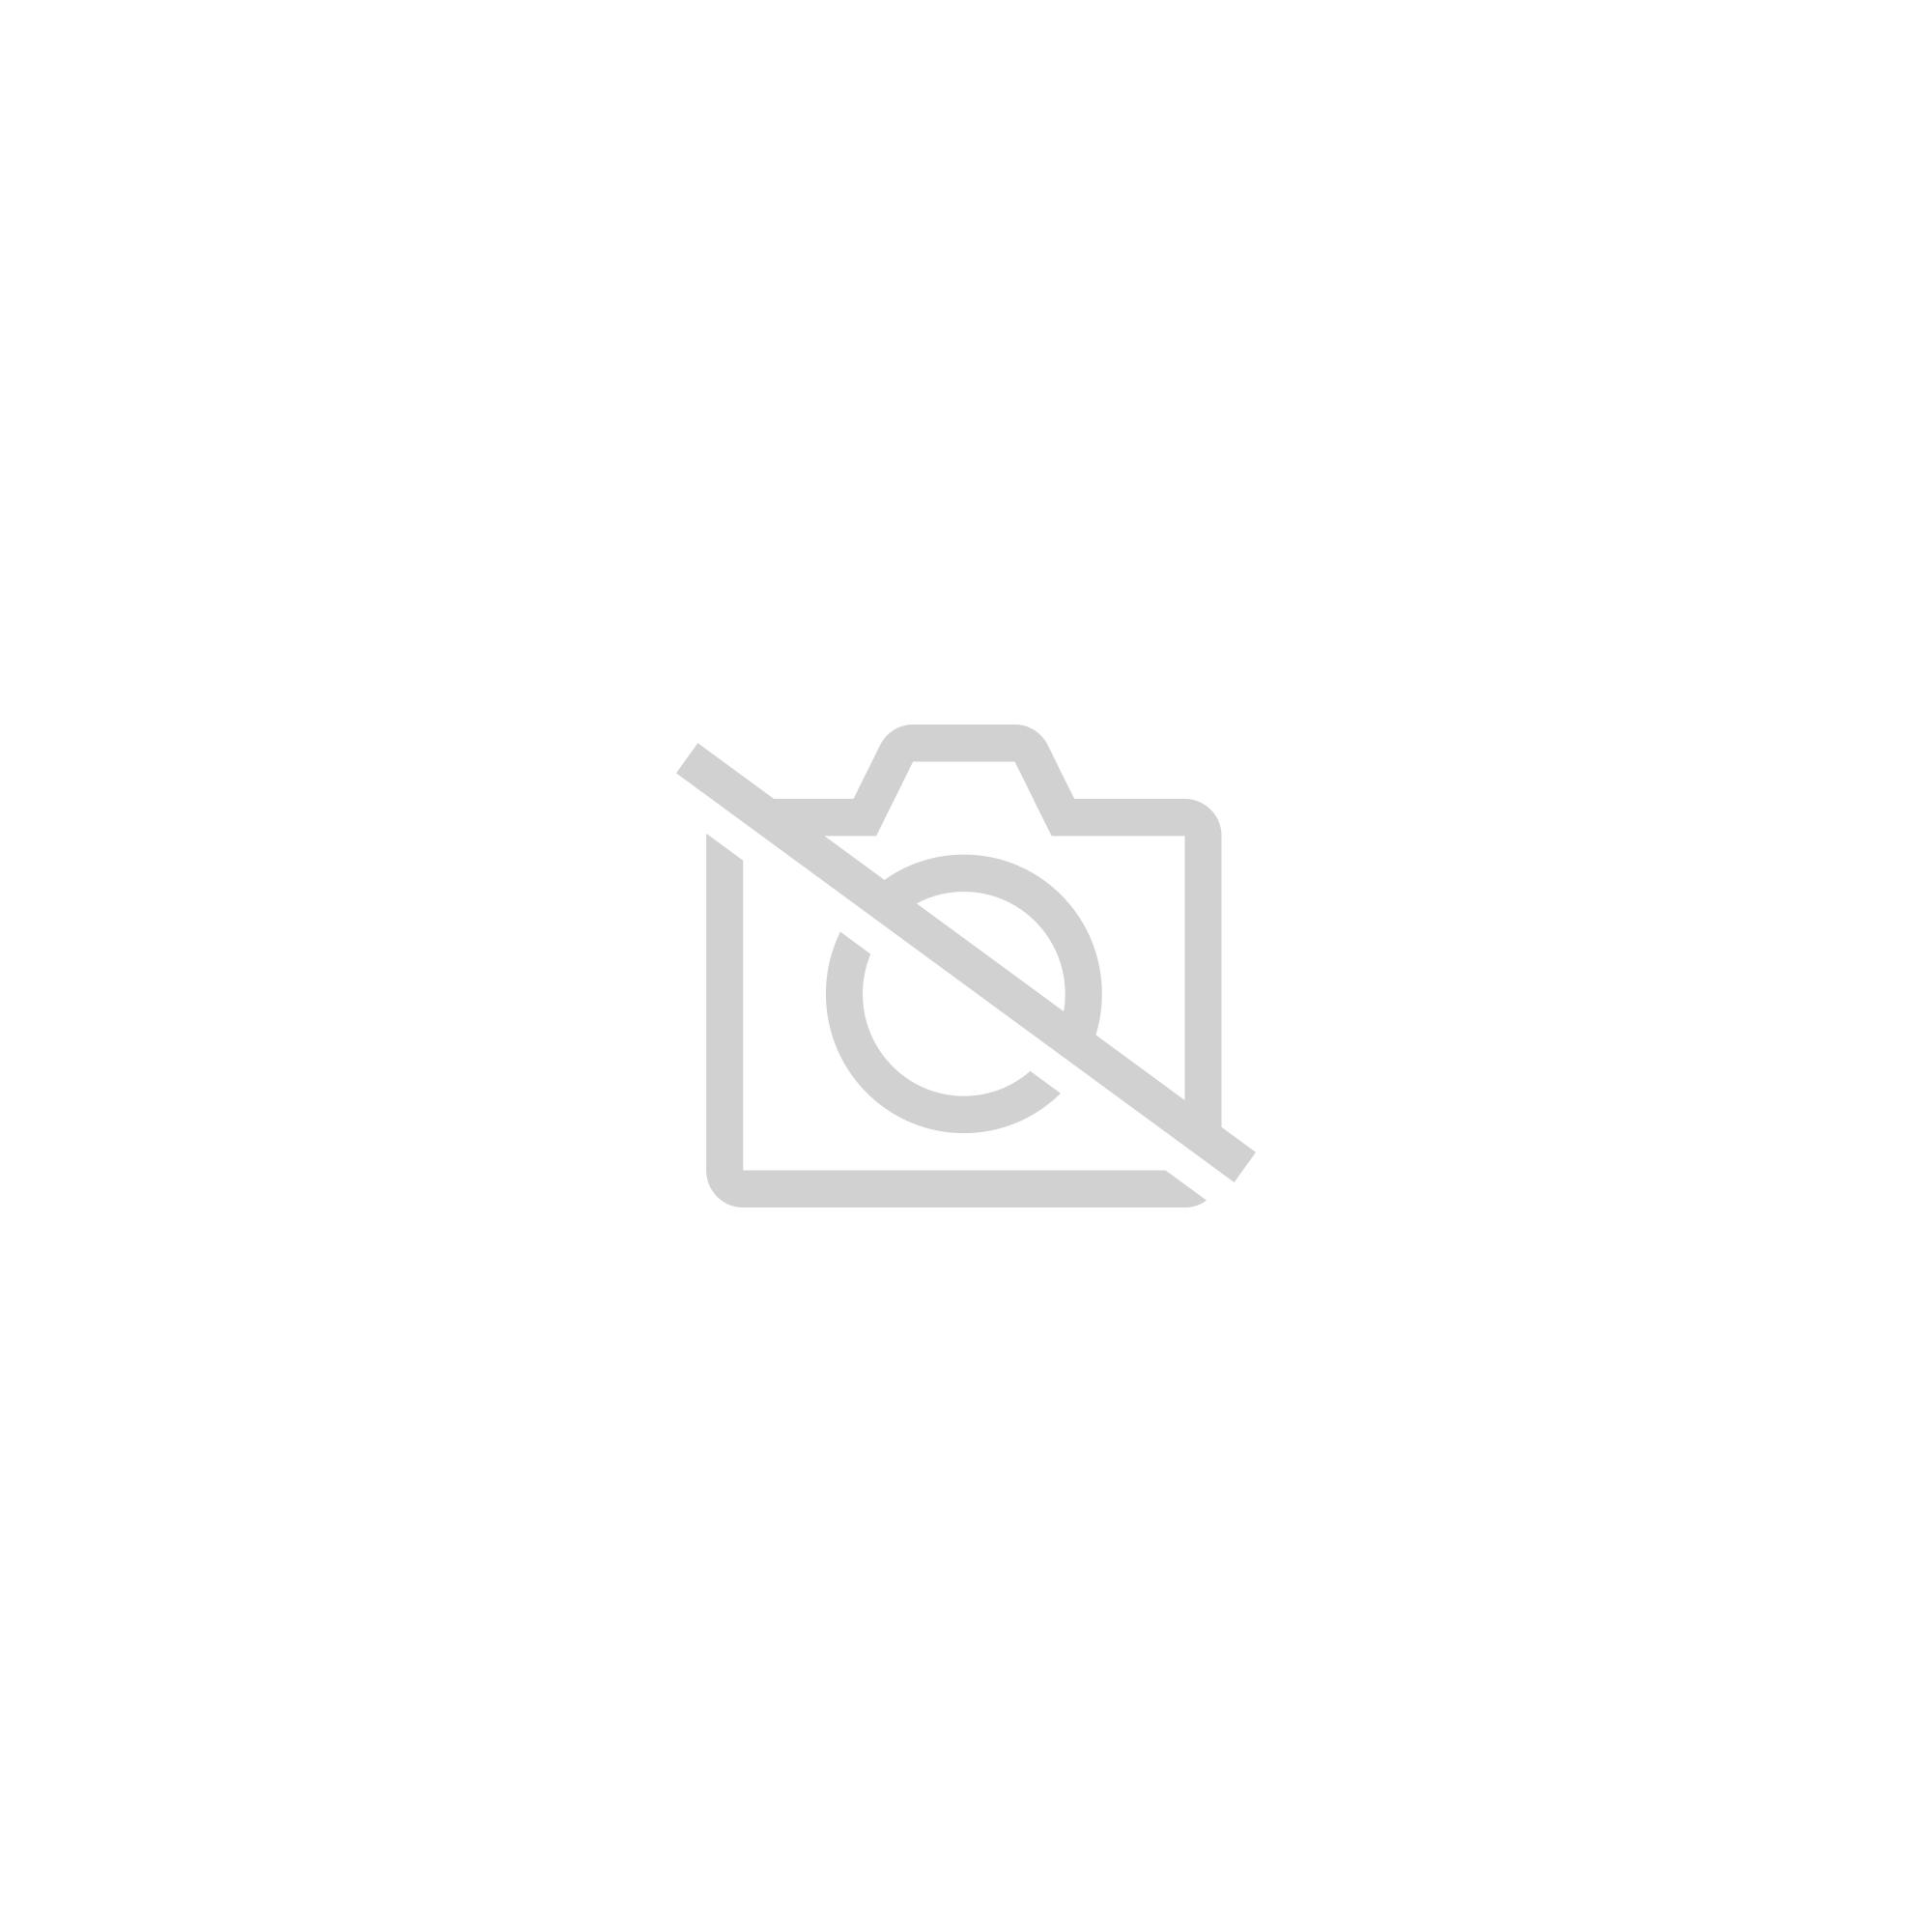 2PCS Accessoires de Protecteur de Pliage de Preuve de Choc de Protection de Silicone de Ninebot ES1 ES2 ES4 SUNJULY Coussin /électrique de Scooter Noir